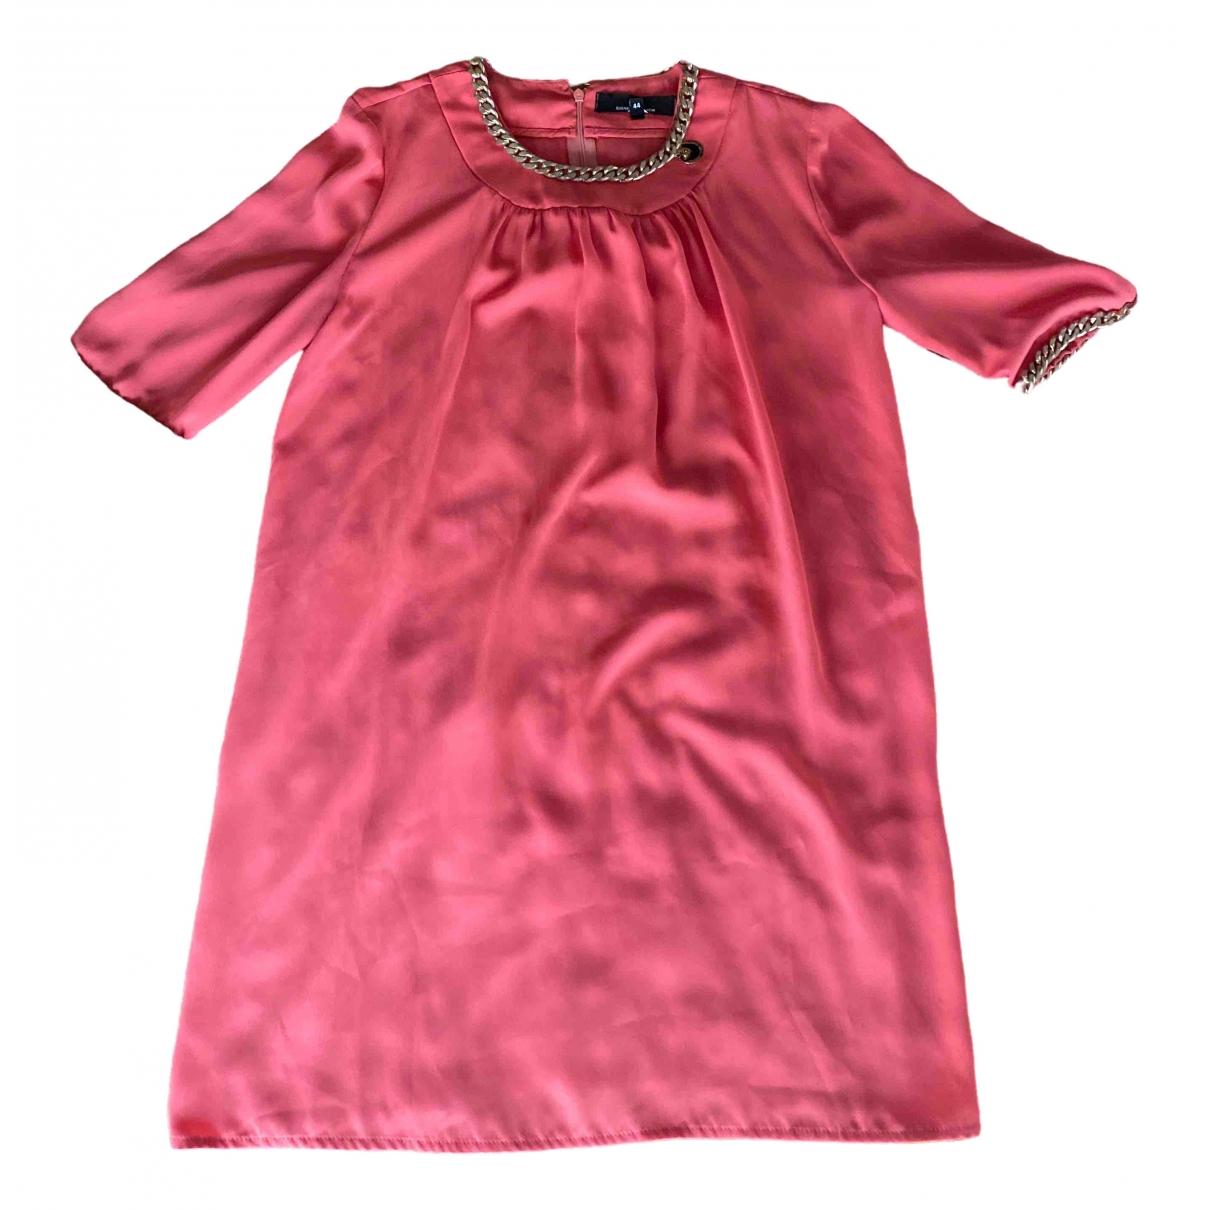 Elisabetta Franchi \N Orange dress for Women 44 IT